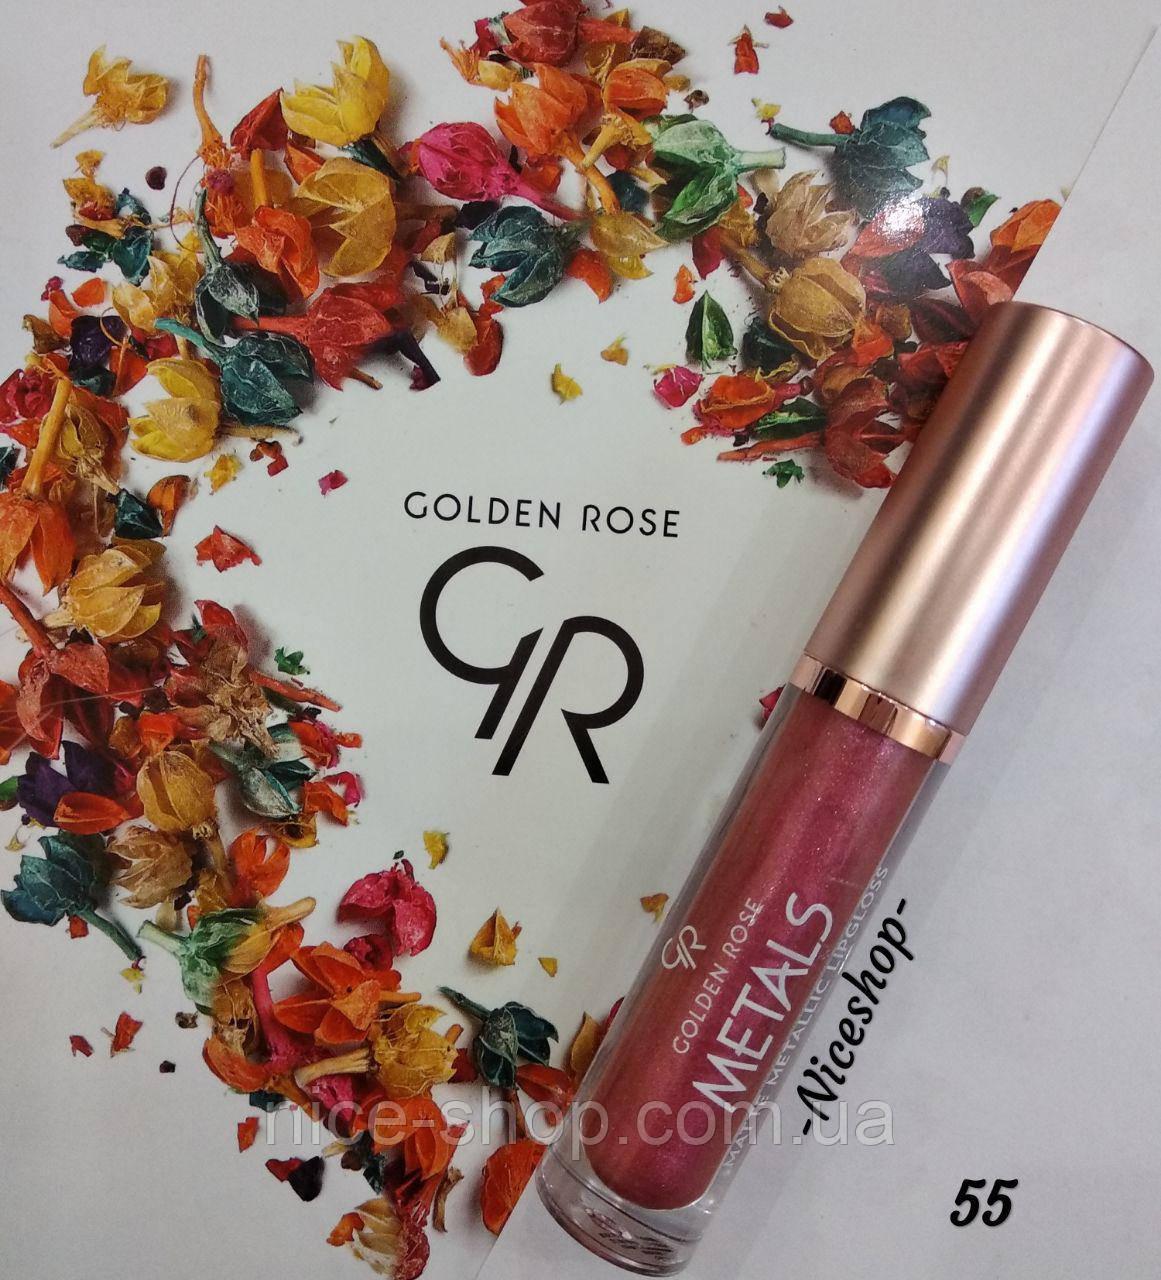 Помада Golden Rose Metals Matte Metallic Lipgloss №55